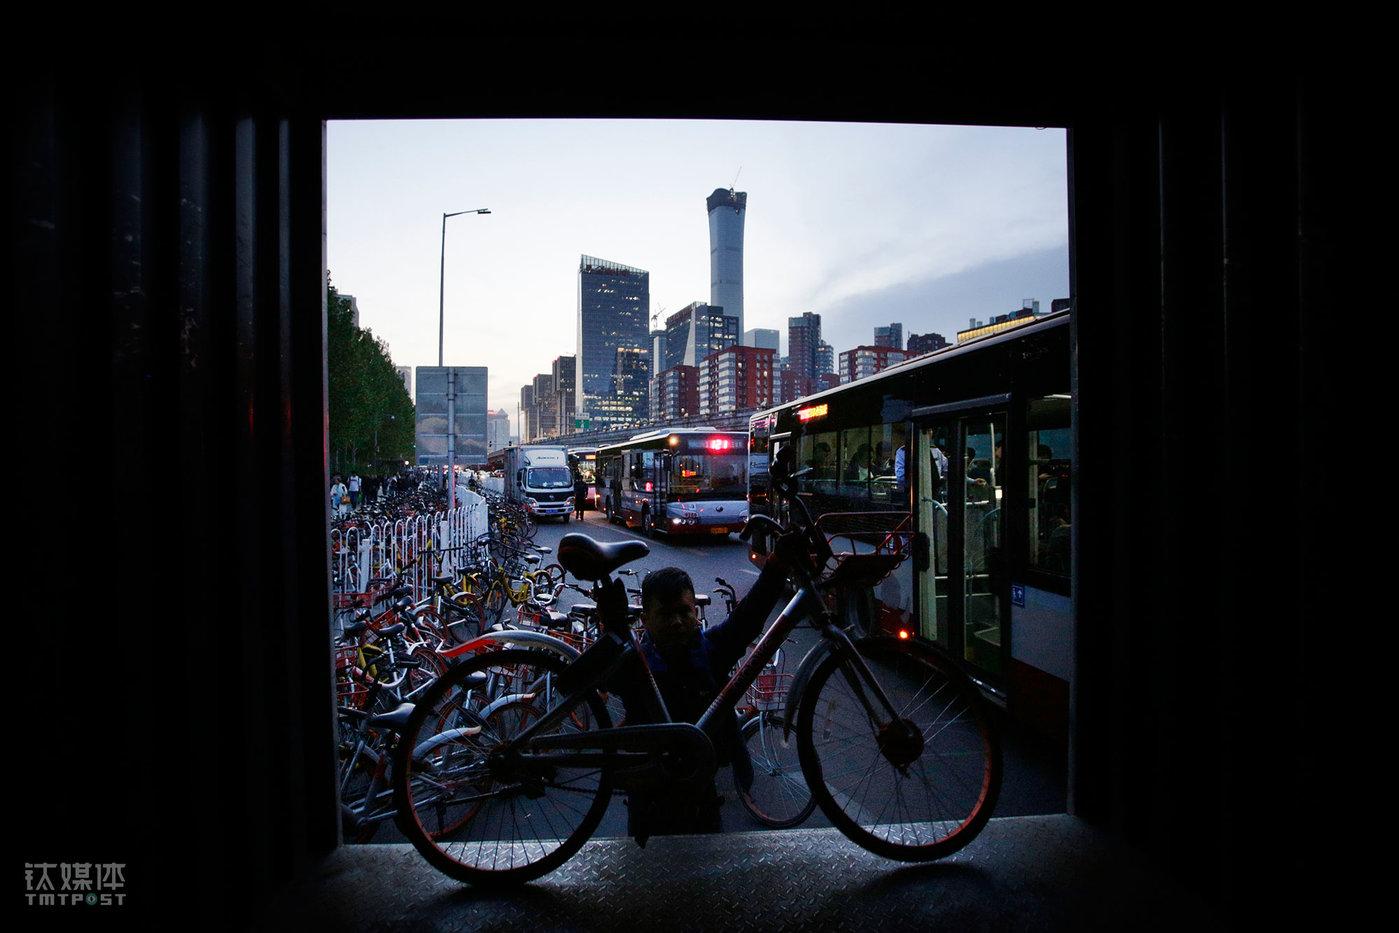 北京大望路八王坟东公交站,一辆准备装车的共享单车。